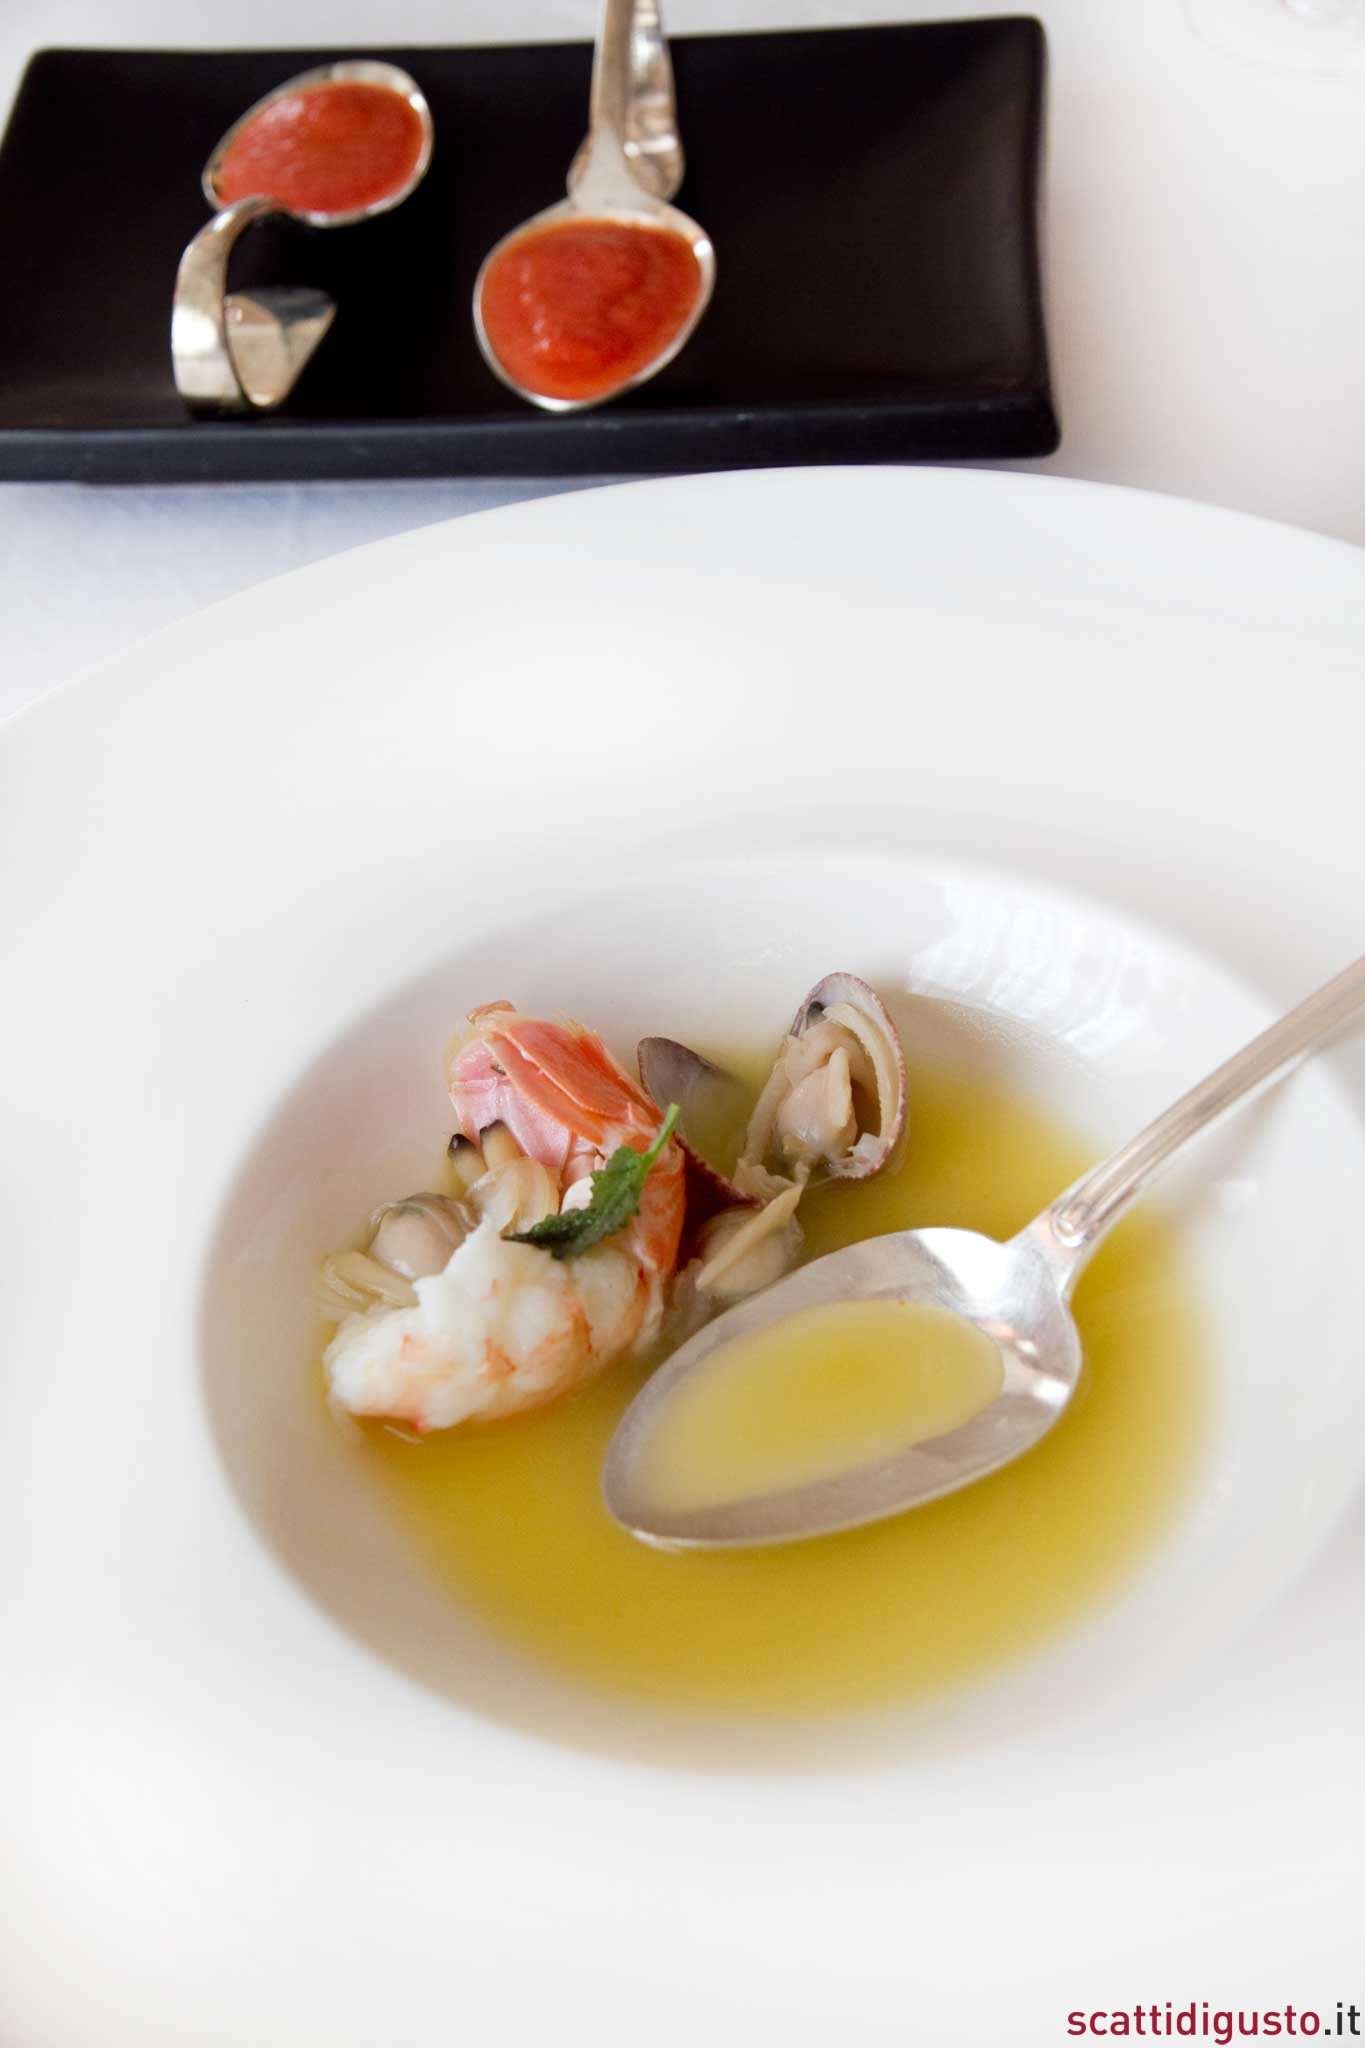 zuppa olio pomodoro frutti mare Salvatore Tassa 2